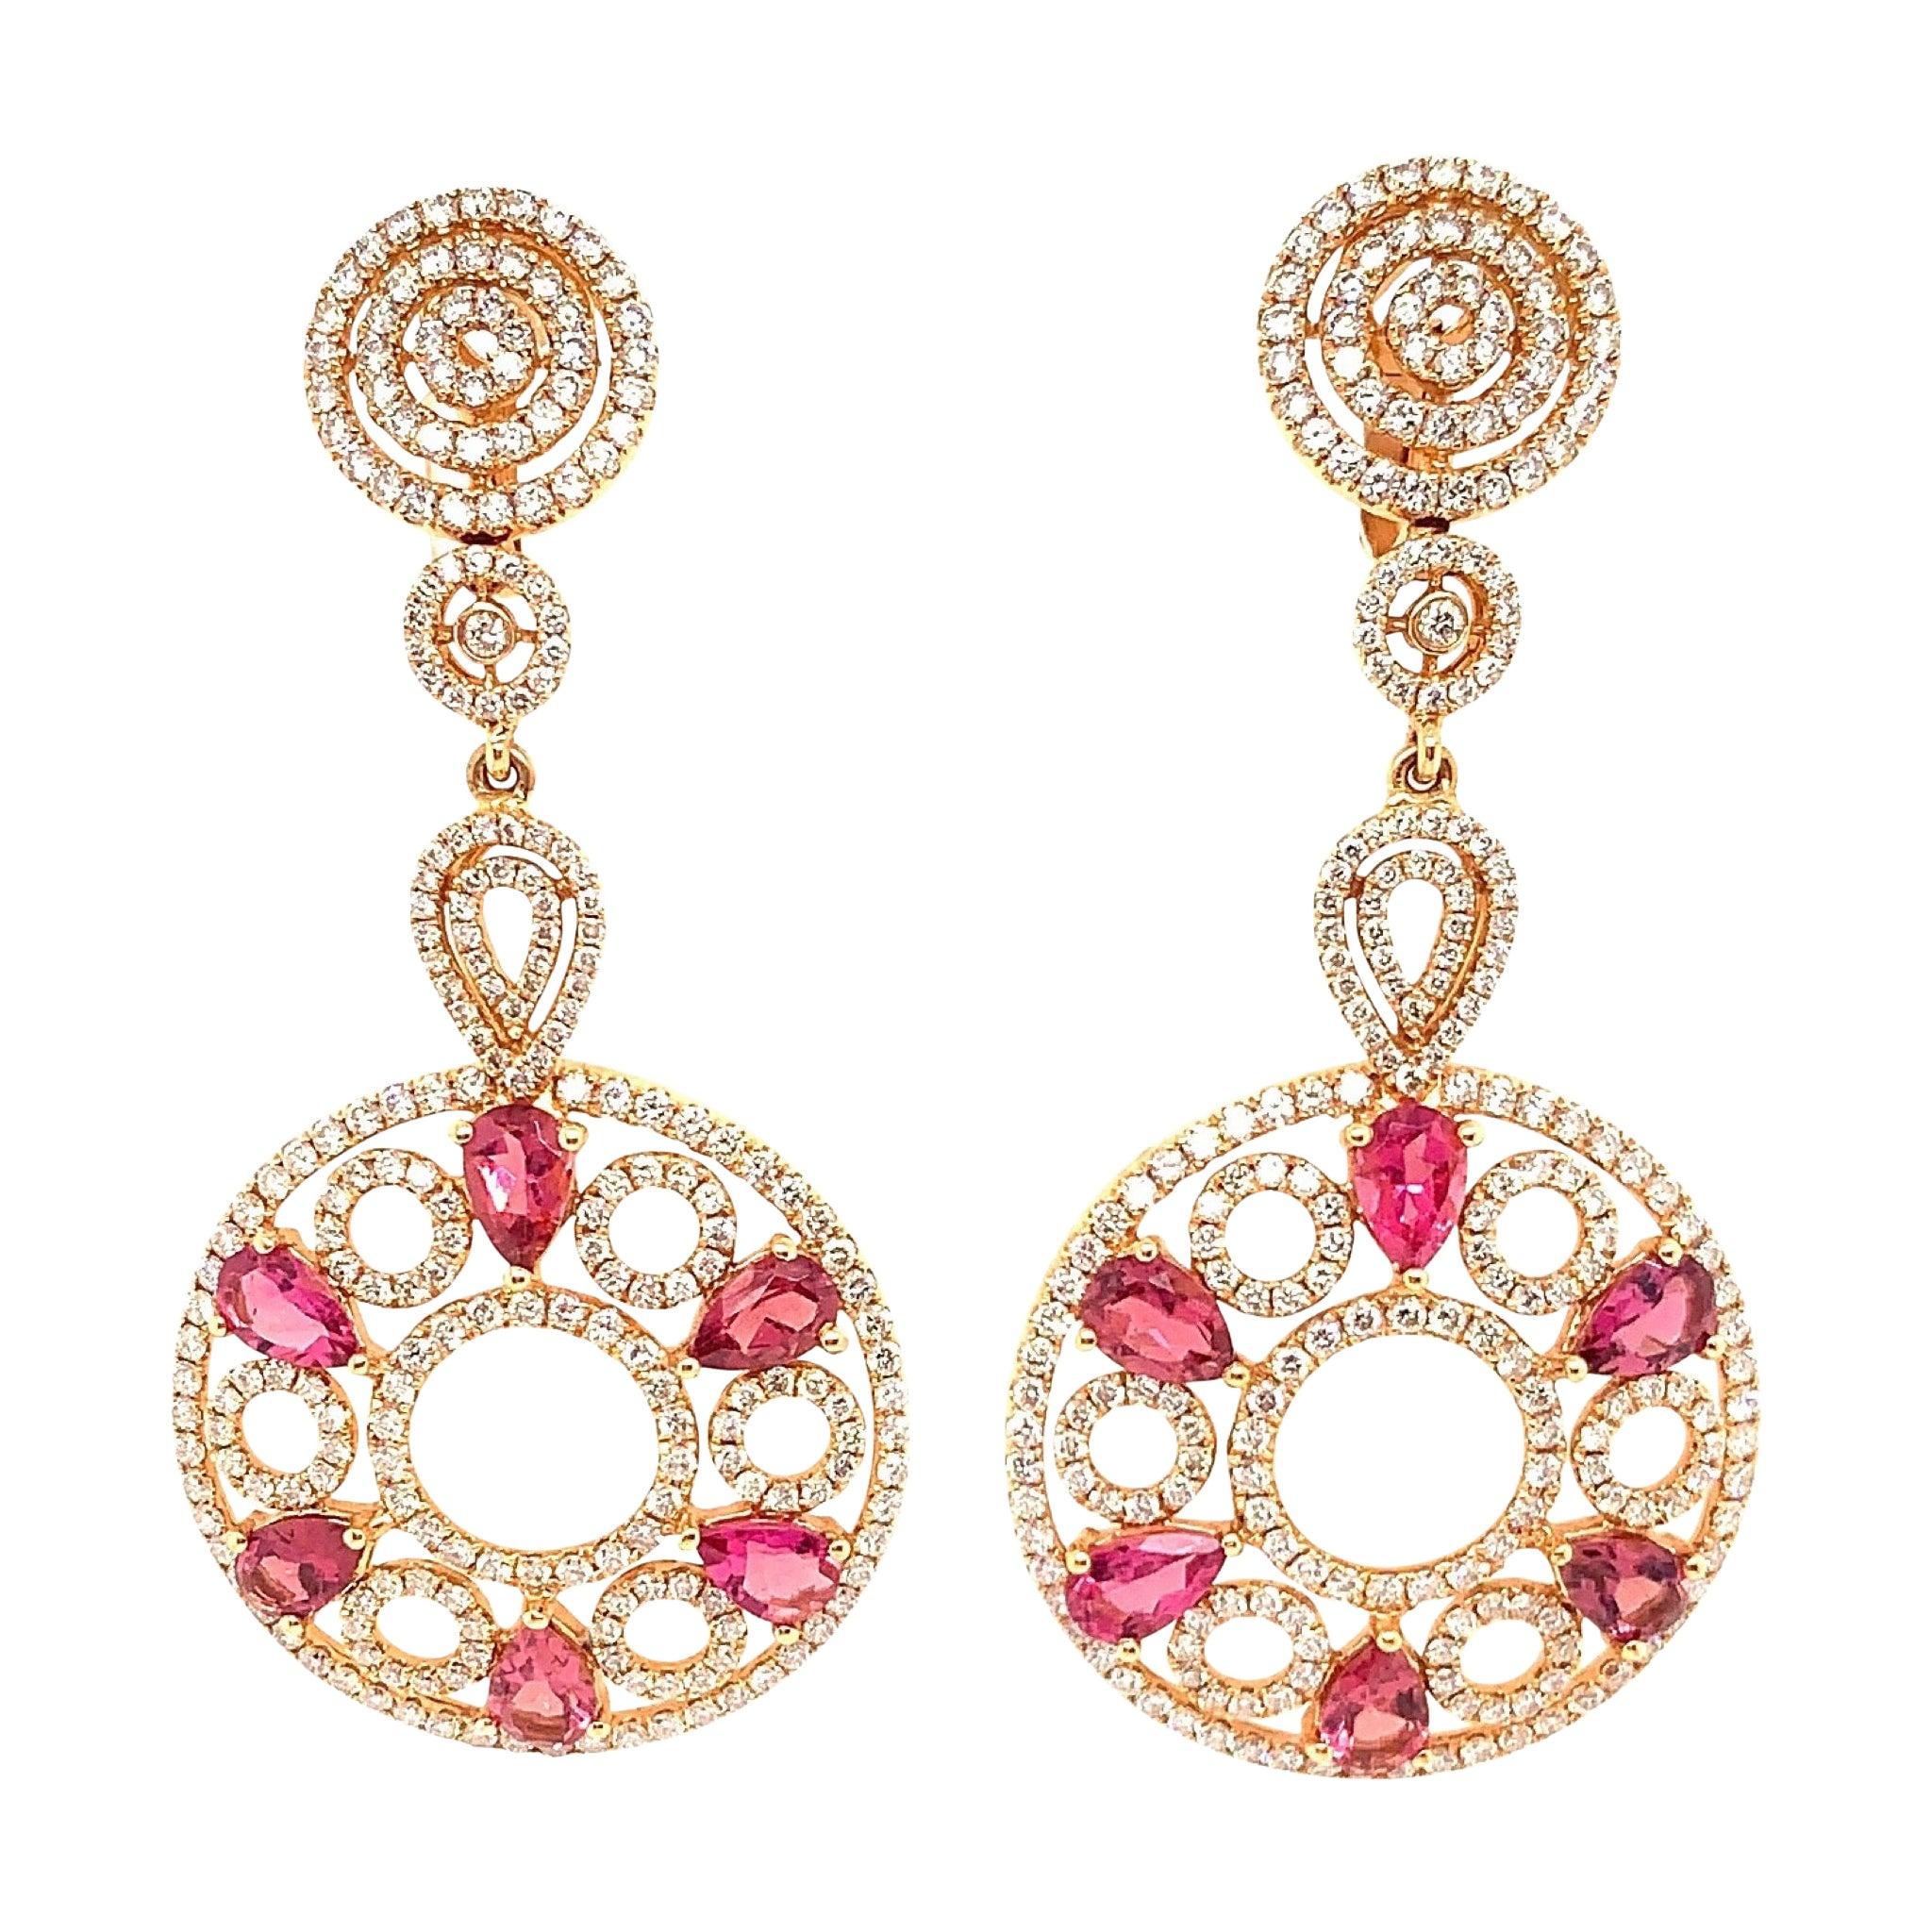 4.41 Carat Pink Tourmaline/ pink/ Designer 18k rose gold Diamond Earring